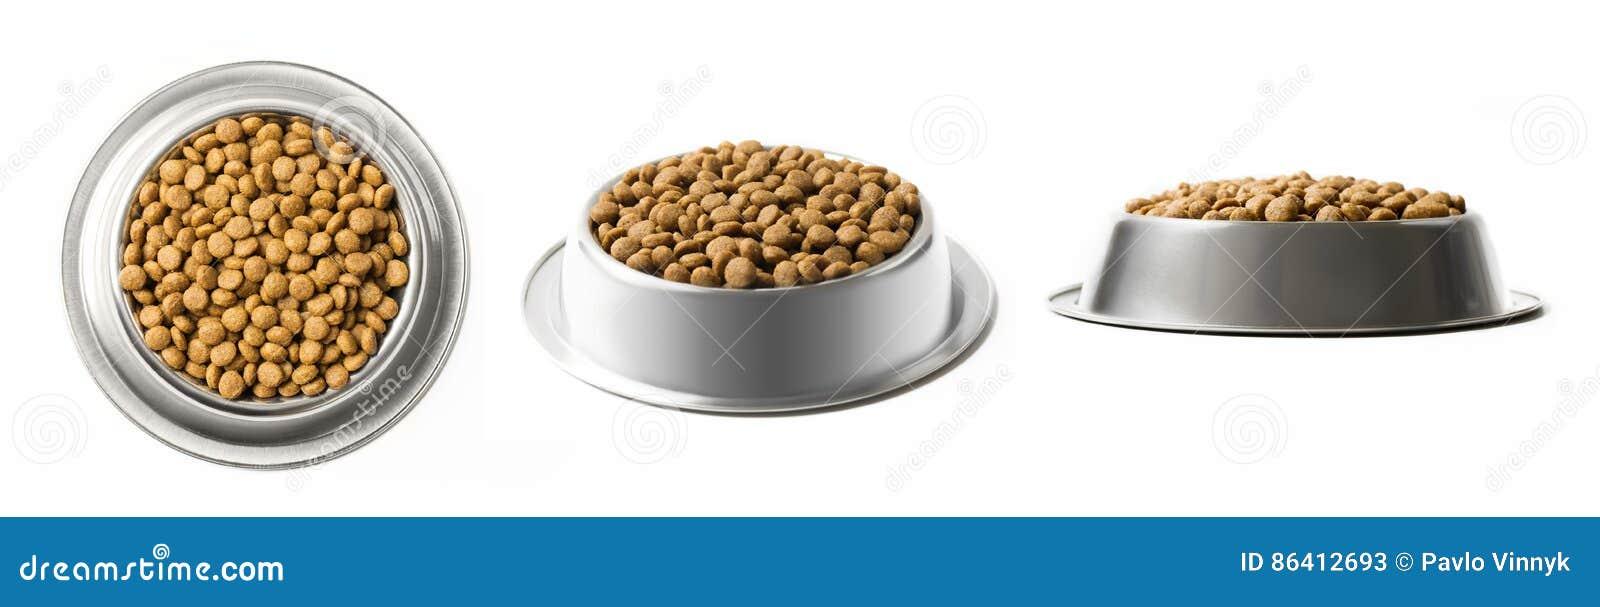 Το σύνολο τριών πιάτων ξεραίνει τα τρόφιμα κατοικίδιων ζώων σε ένα κύπελλο μετάλλων που απομονώνεται στο άσπρο υπόβαθρο Τοπ, μισή